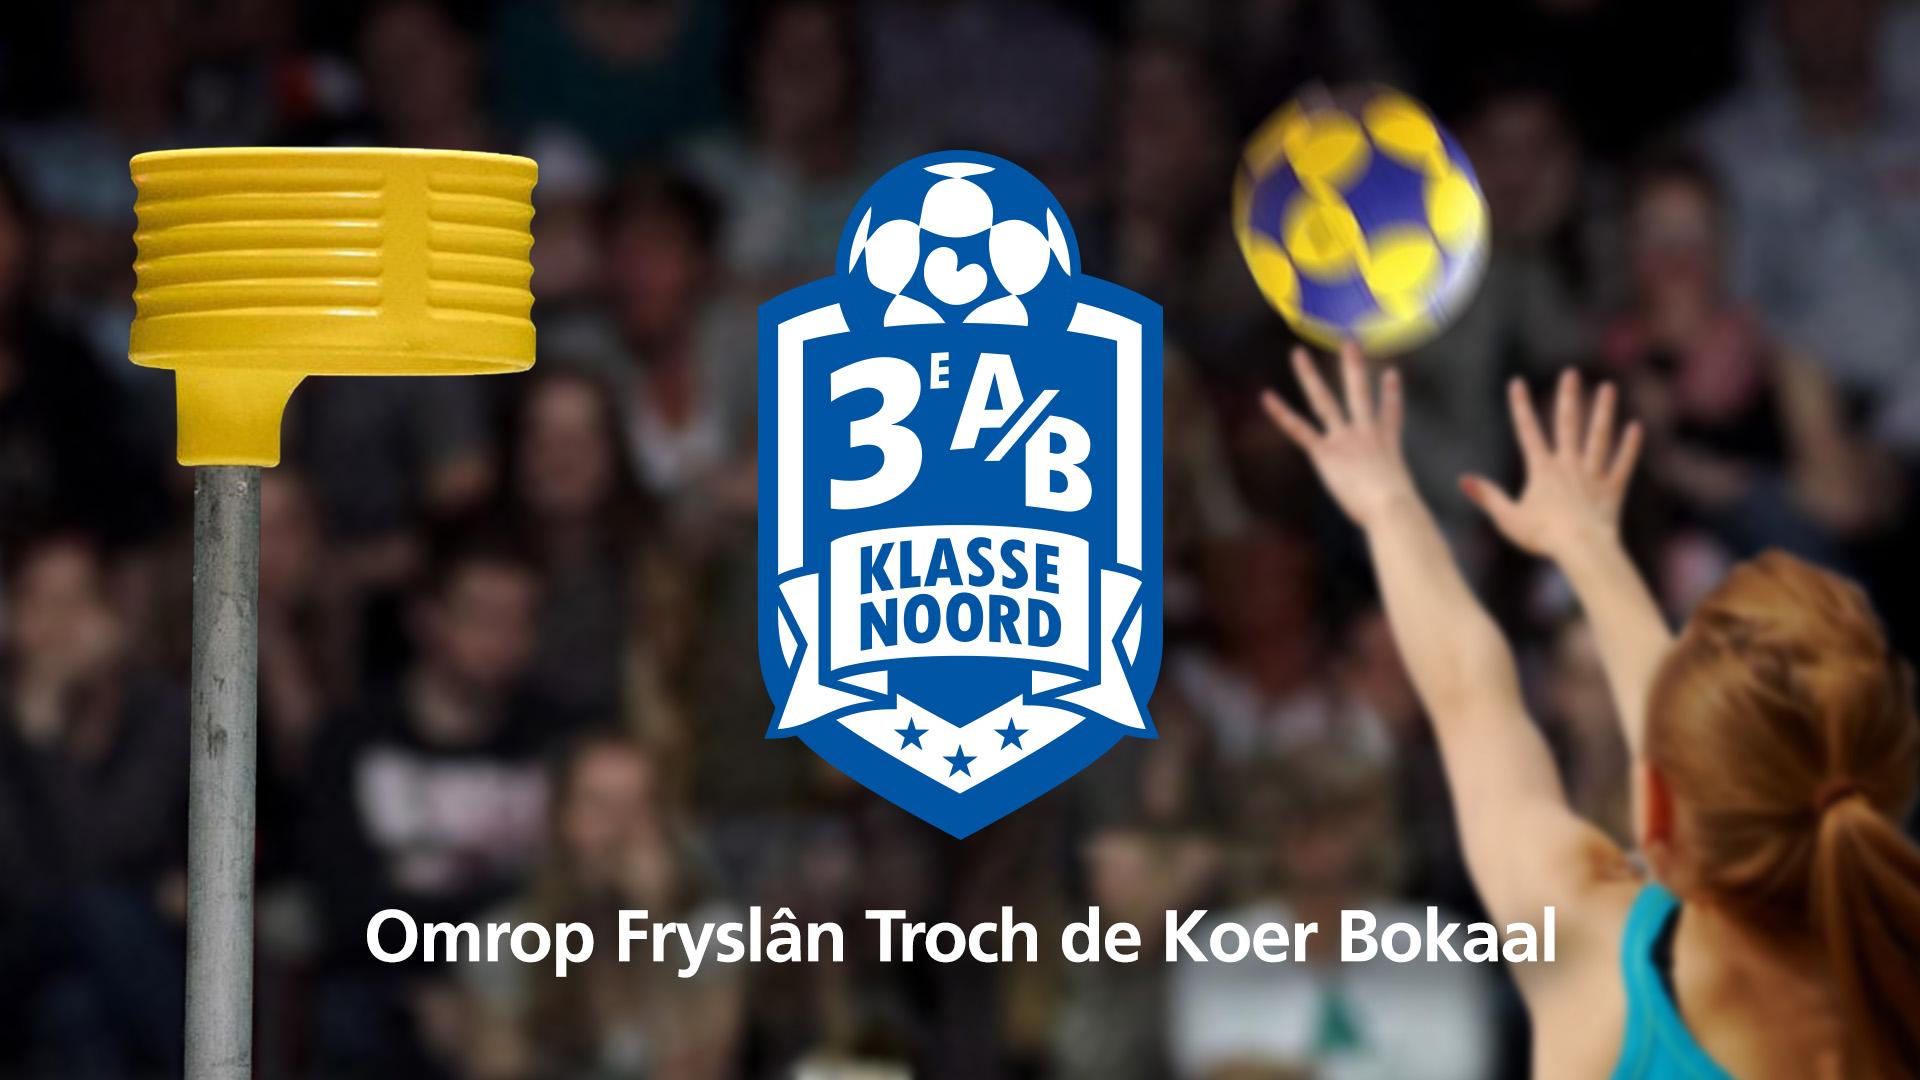 Omrop Fryslân Troch de Koer Bokaal